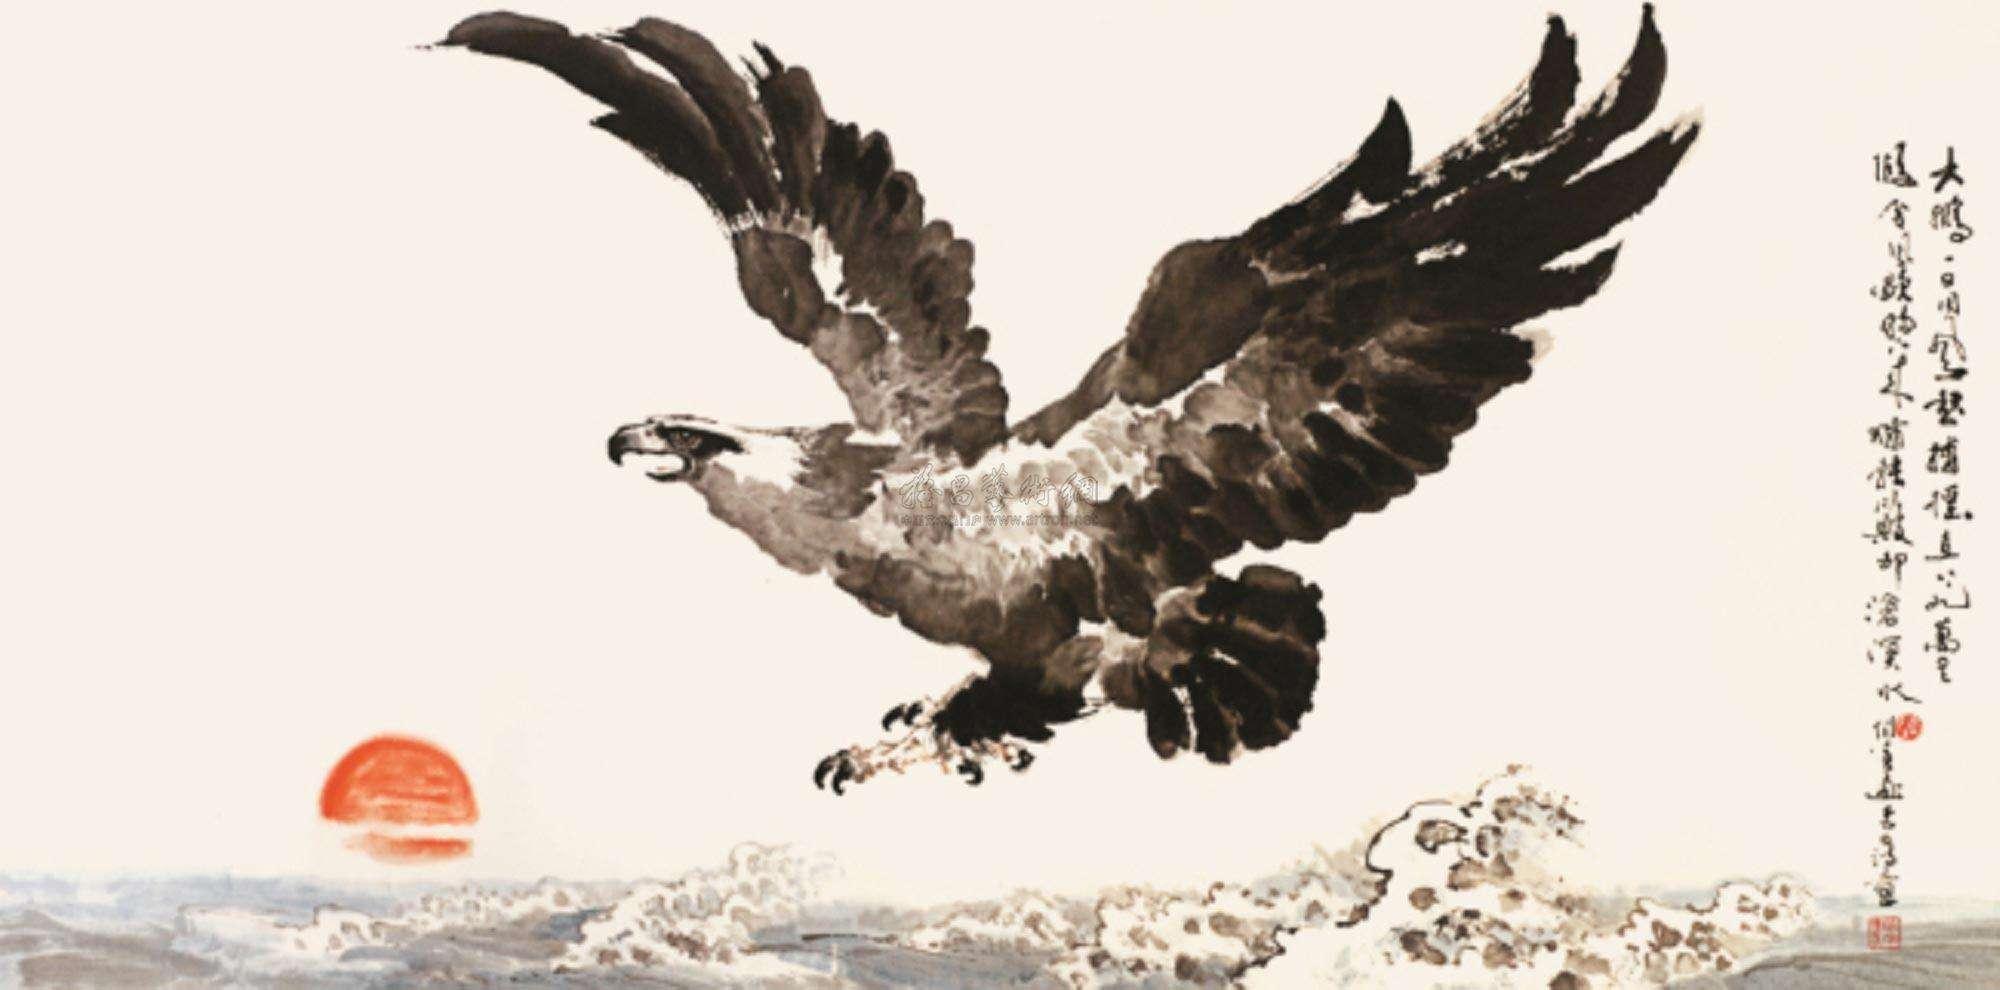 古代人对风的认识:扶摇九万里,遨游六合中